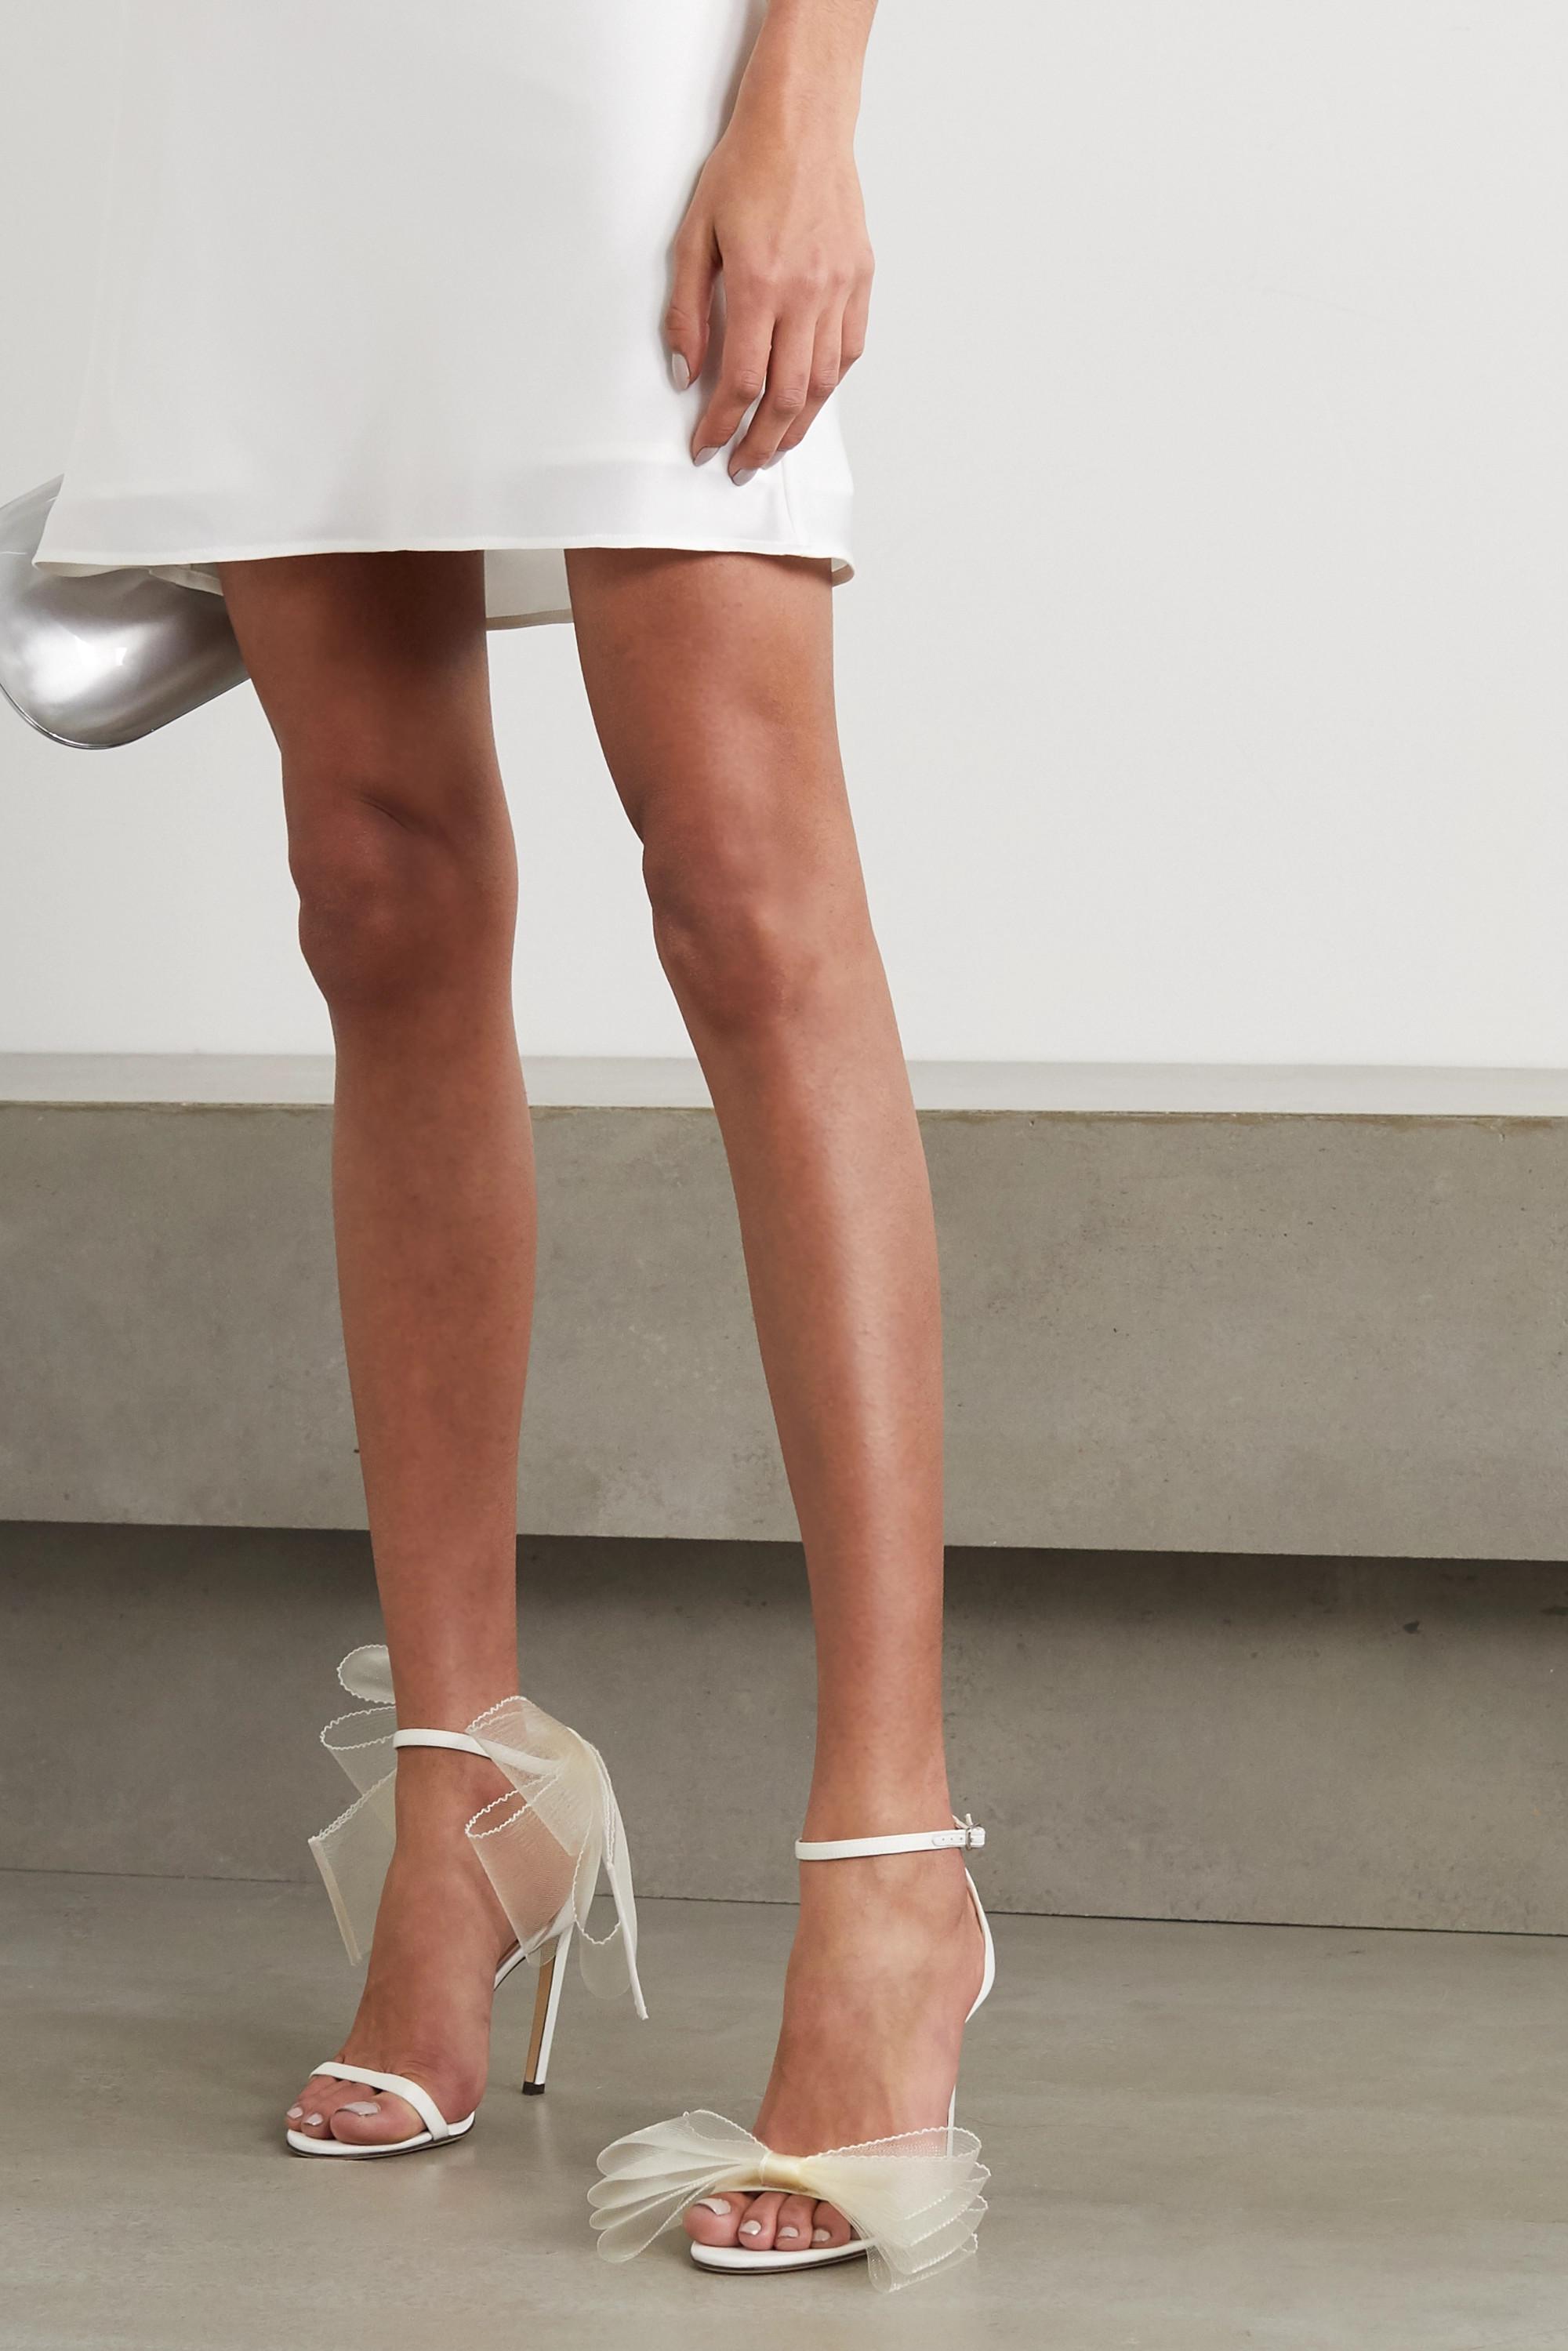 White Aveline 100 bow-embellished